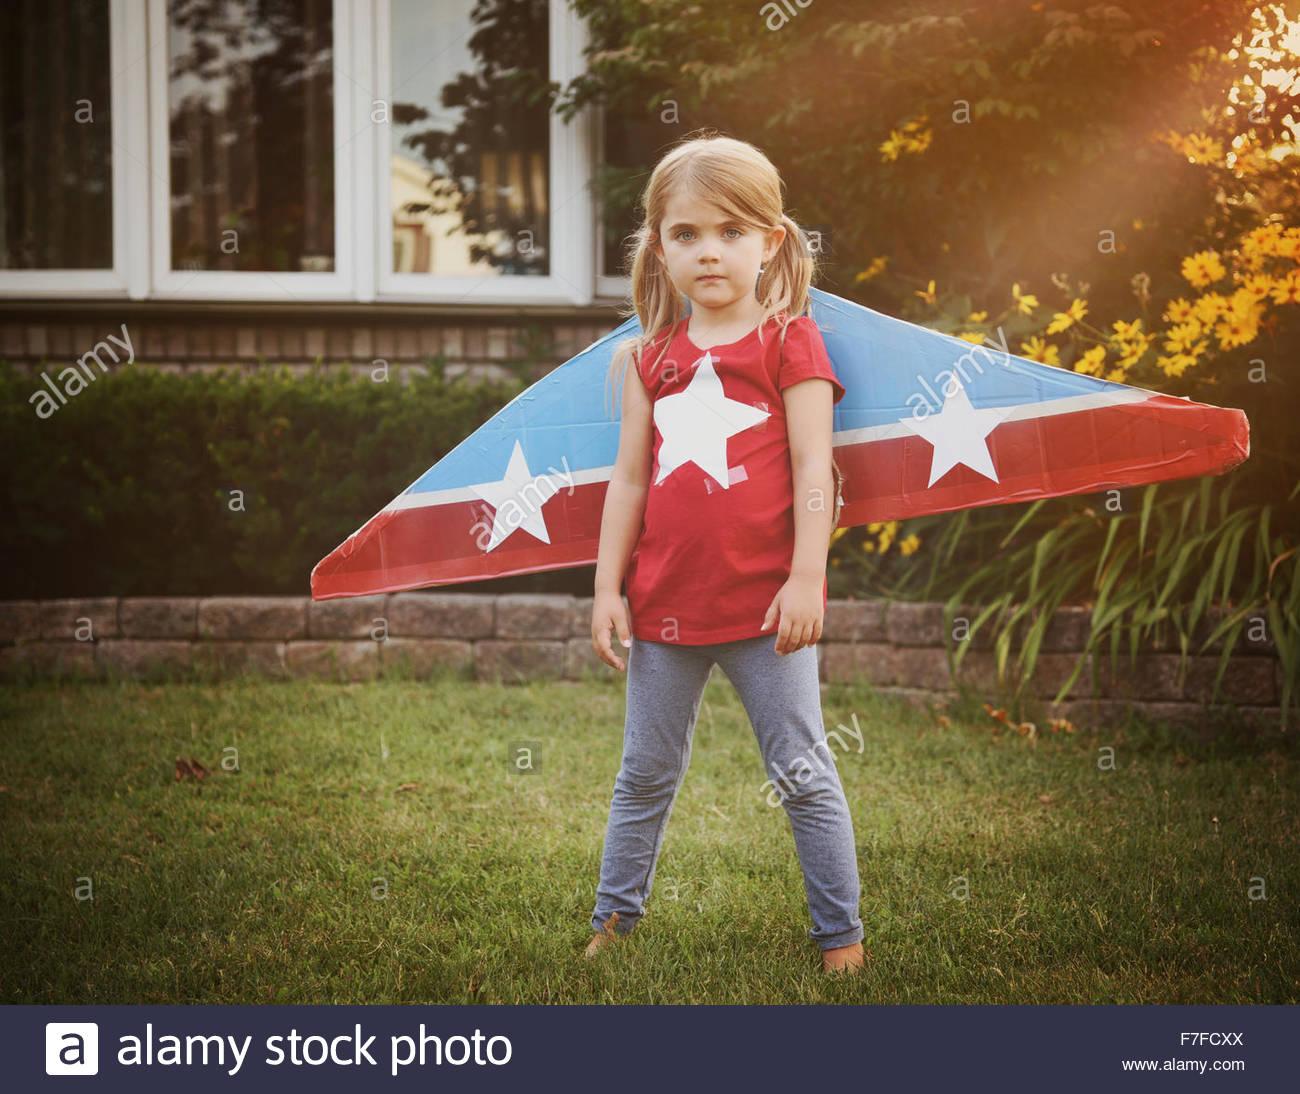 Un niño pequeño se está desgastando las alas voladoras de cartón casero con estrellas en ellas Imagen De Stock